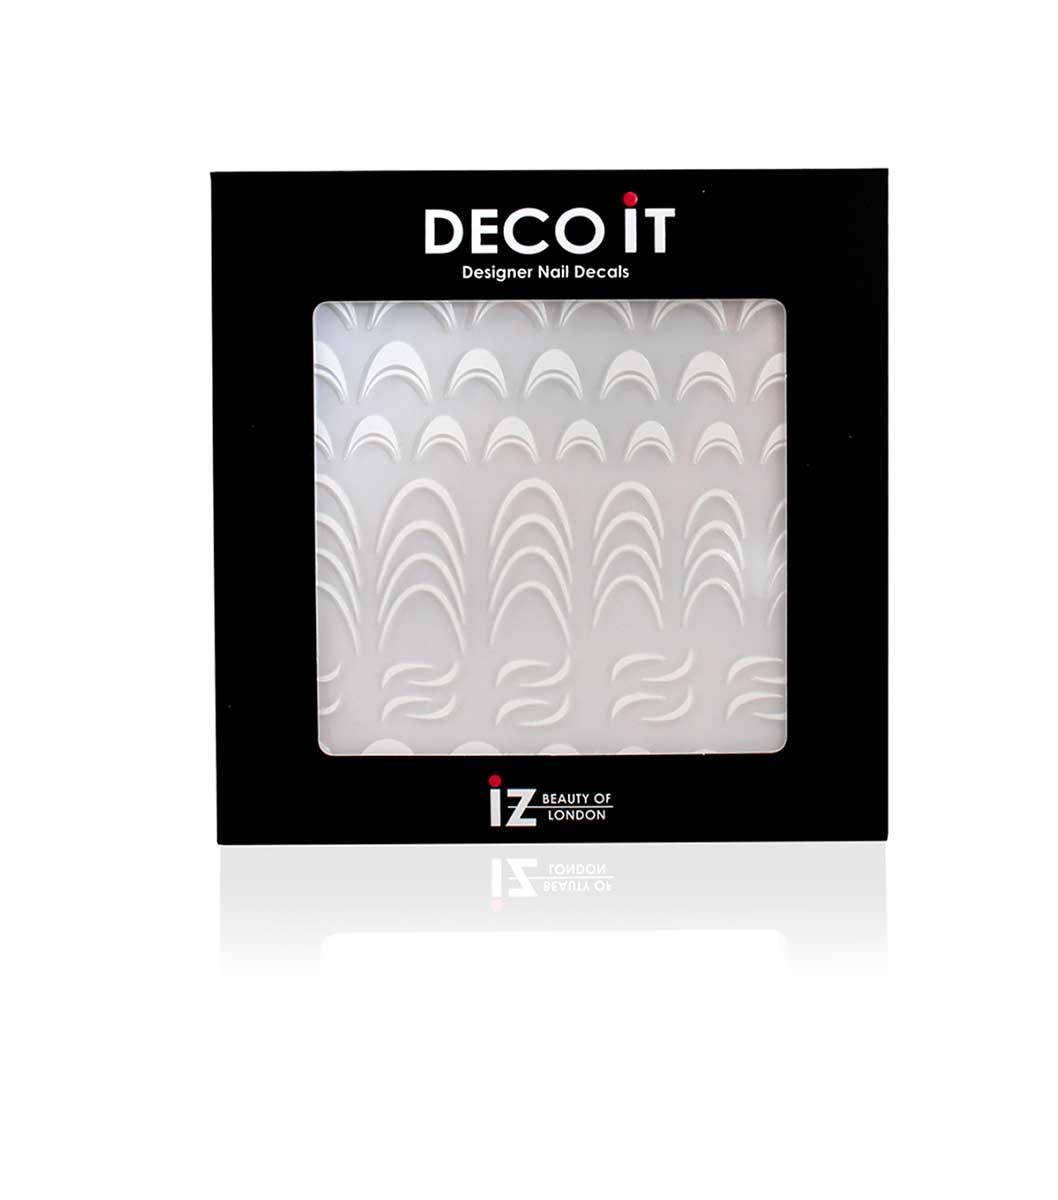 DECPOVW-DECO-iT-Power-Ovals-White